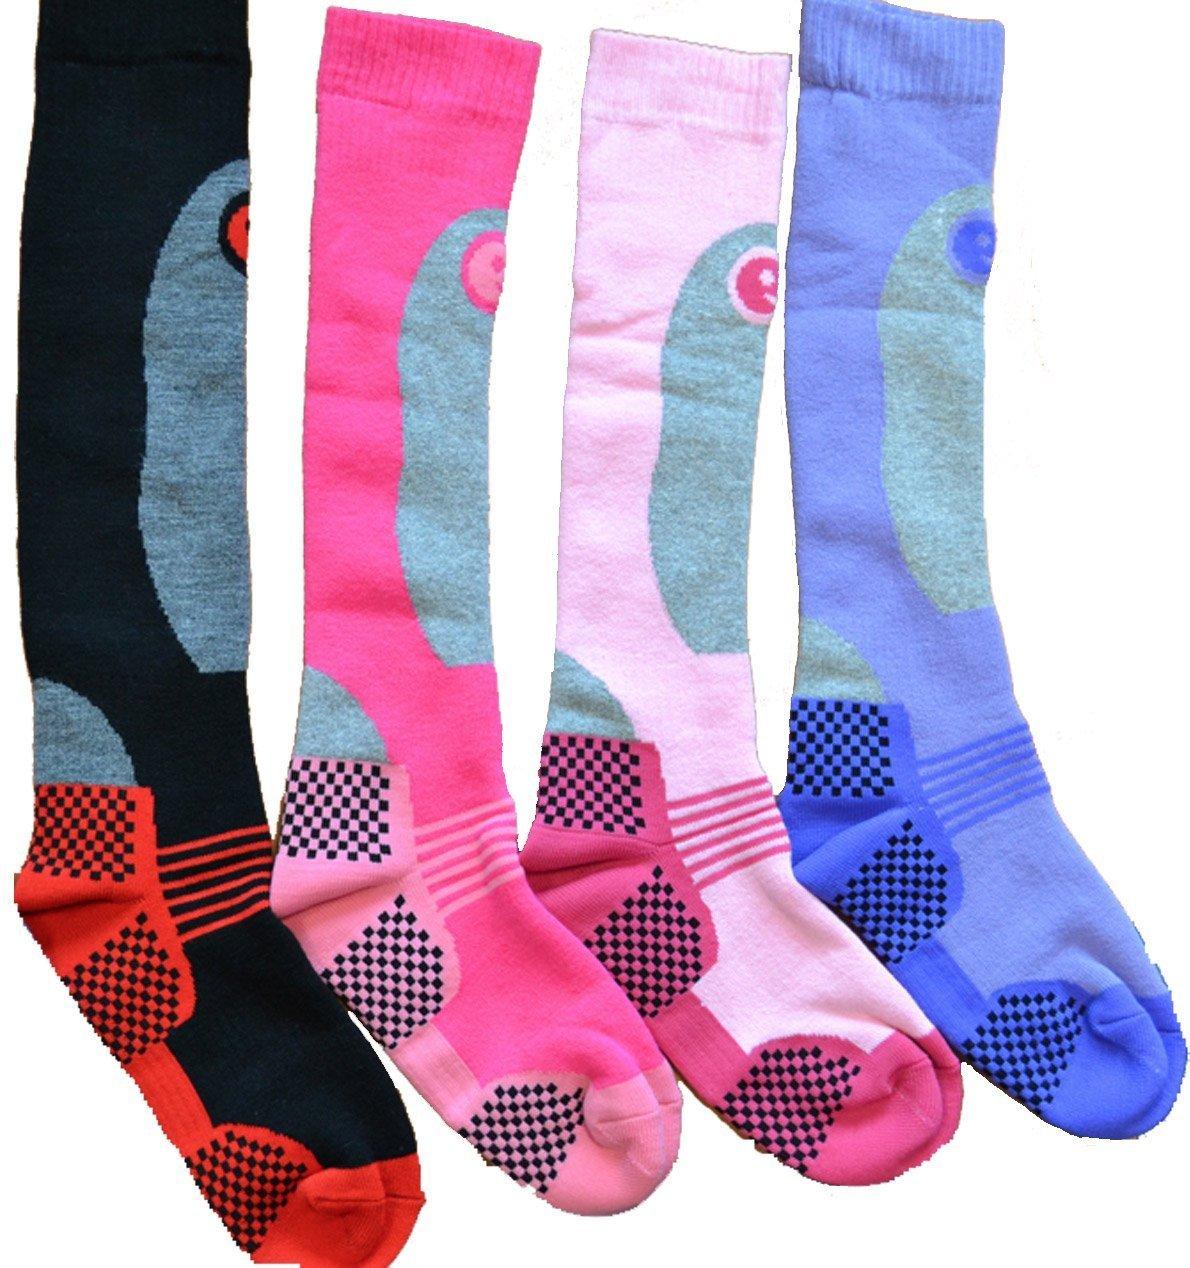 Women's Pack of 4 Long Hose High Performance Ski Socks (US 6.5-9.5) SportsCenter